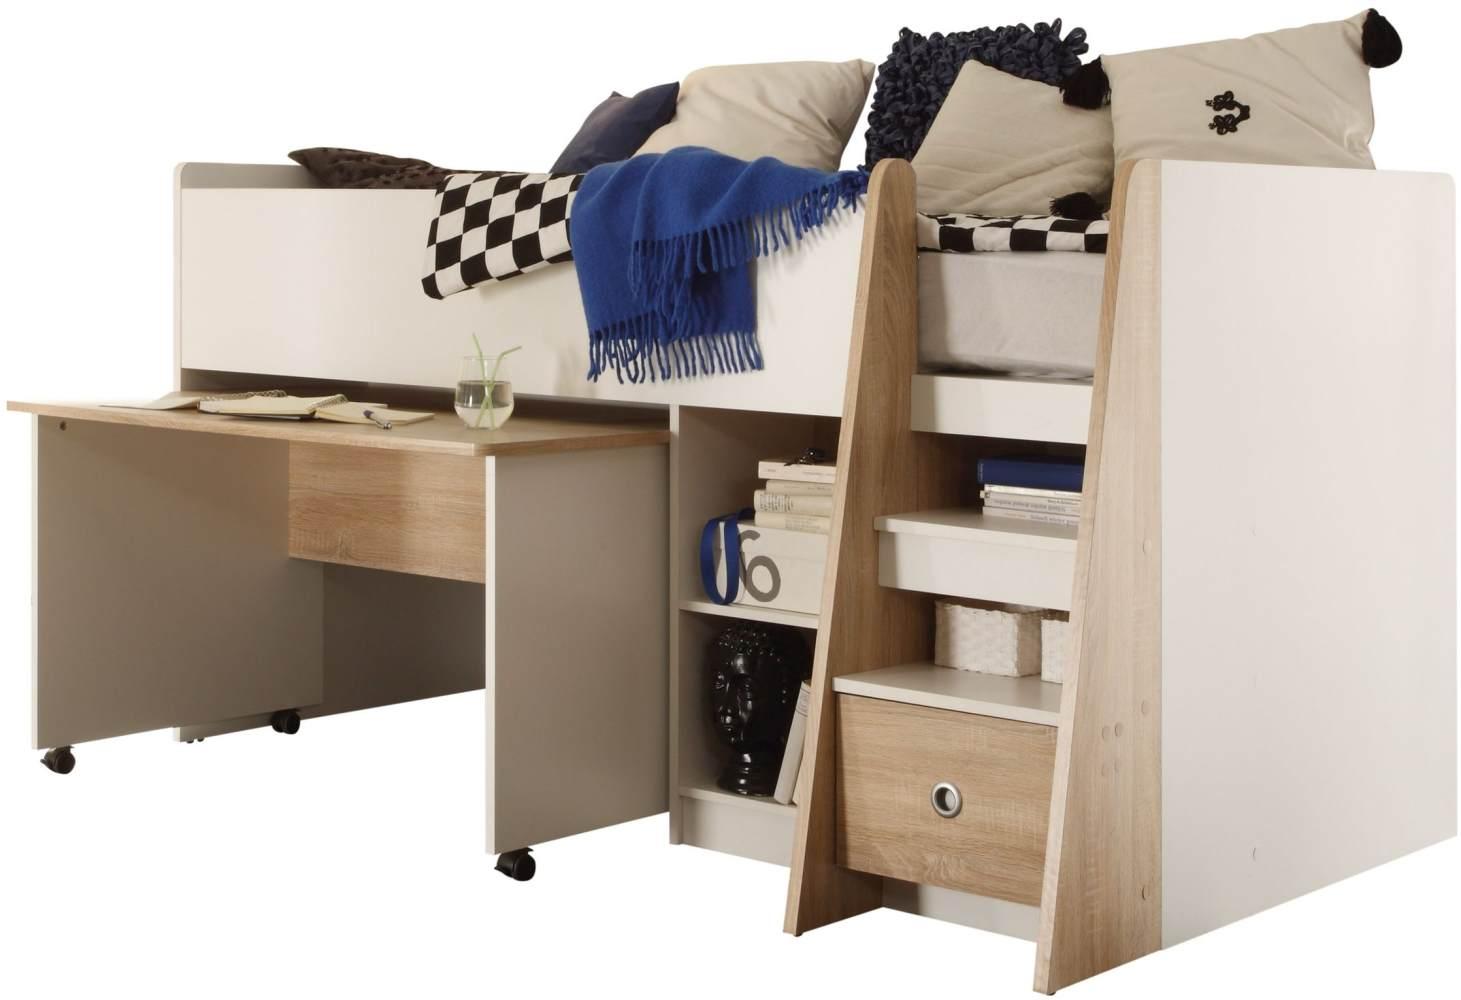 Bega 'Justin' Hochbett aus Eiche inkl. ausziehbaren Schreibtisch, Regal, Schubkasten, Lattenrostplatte, natur Bild 1